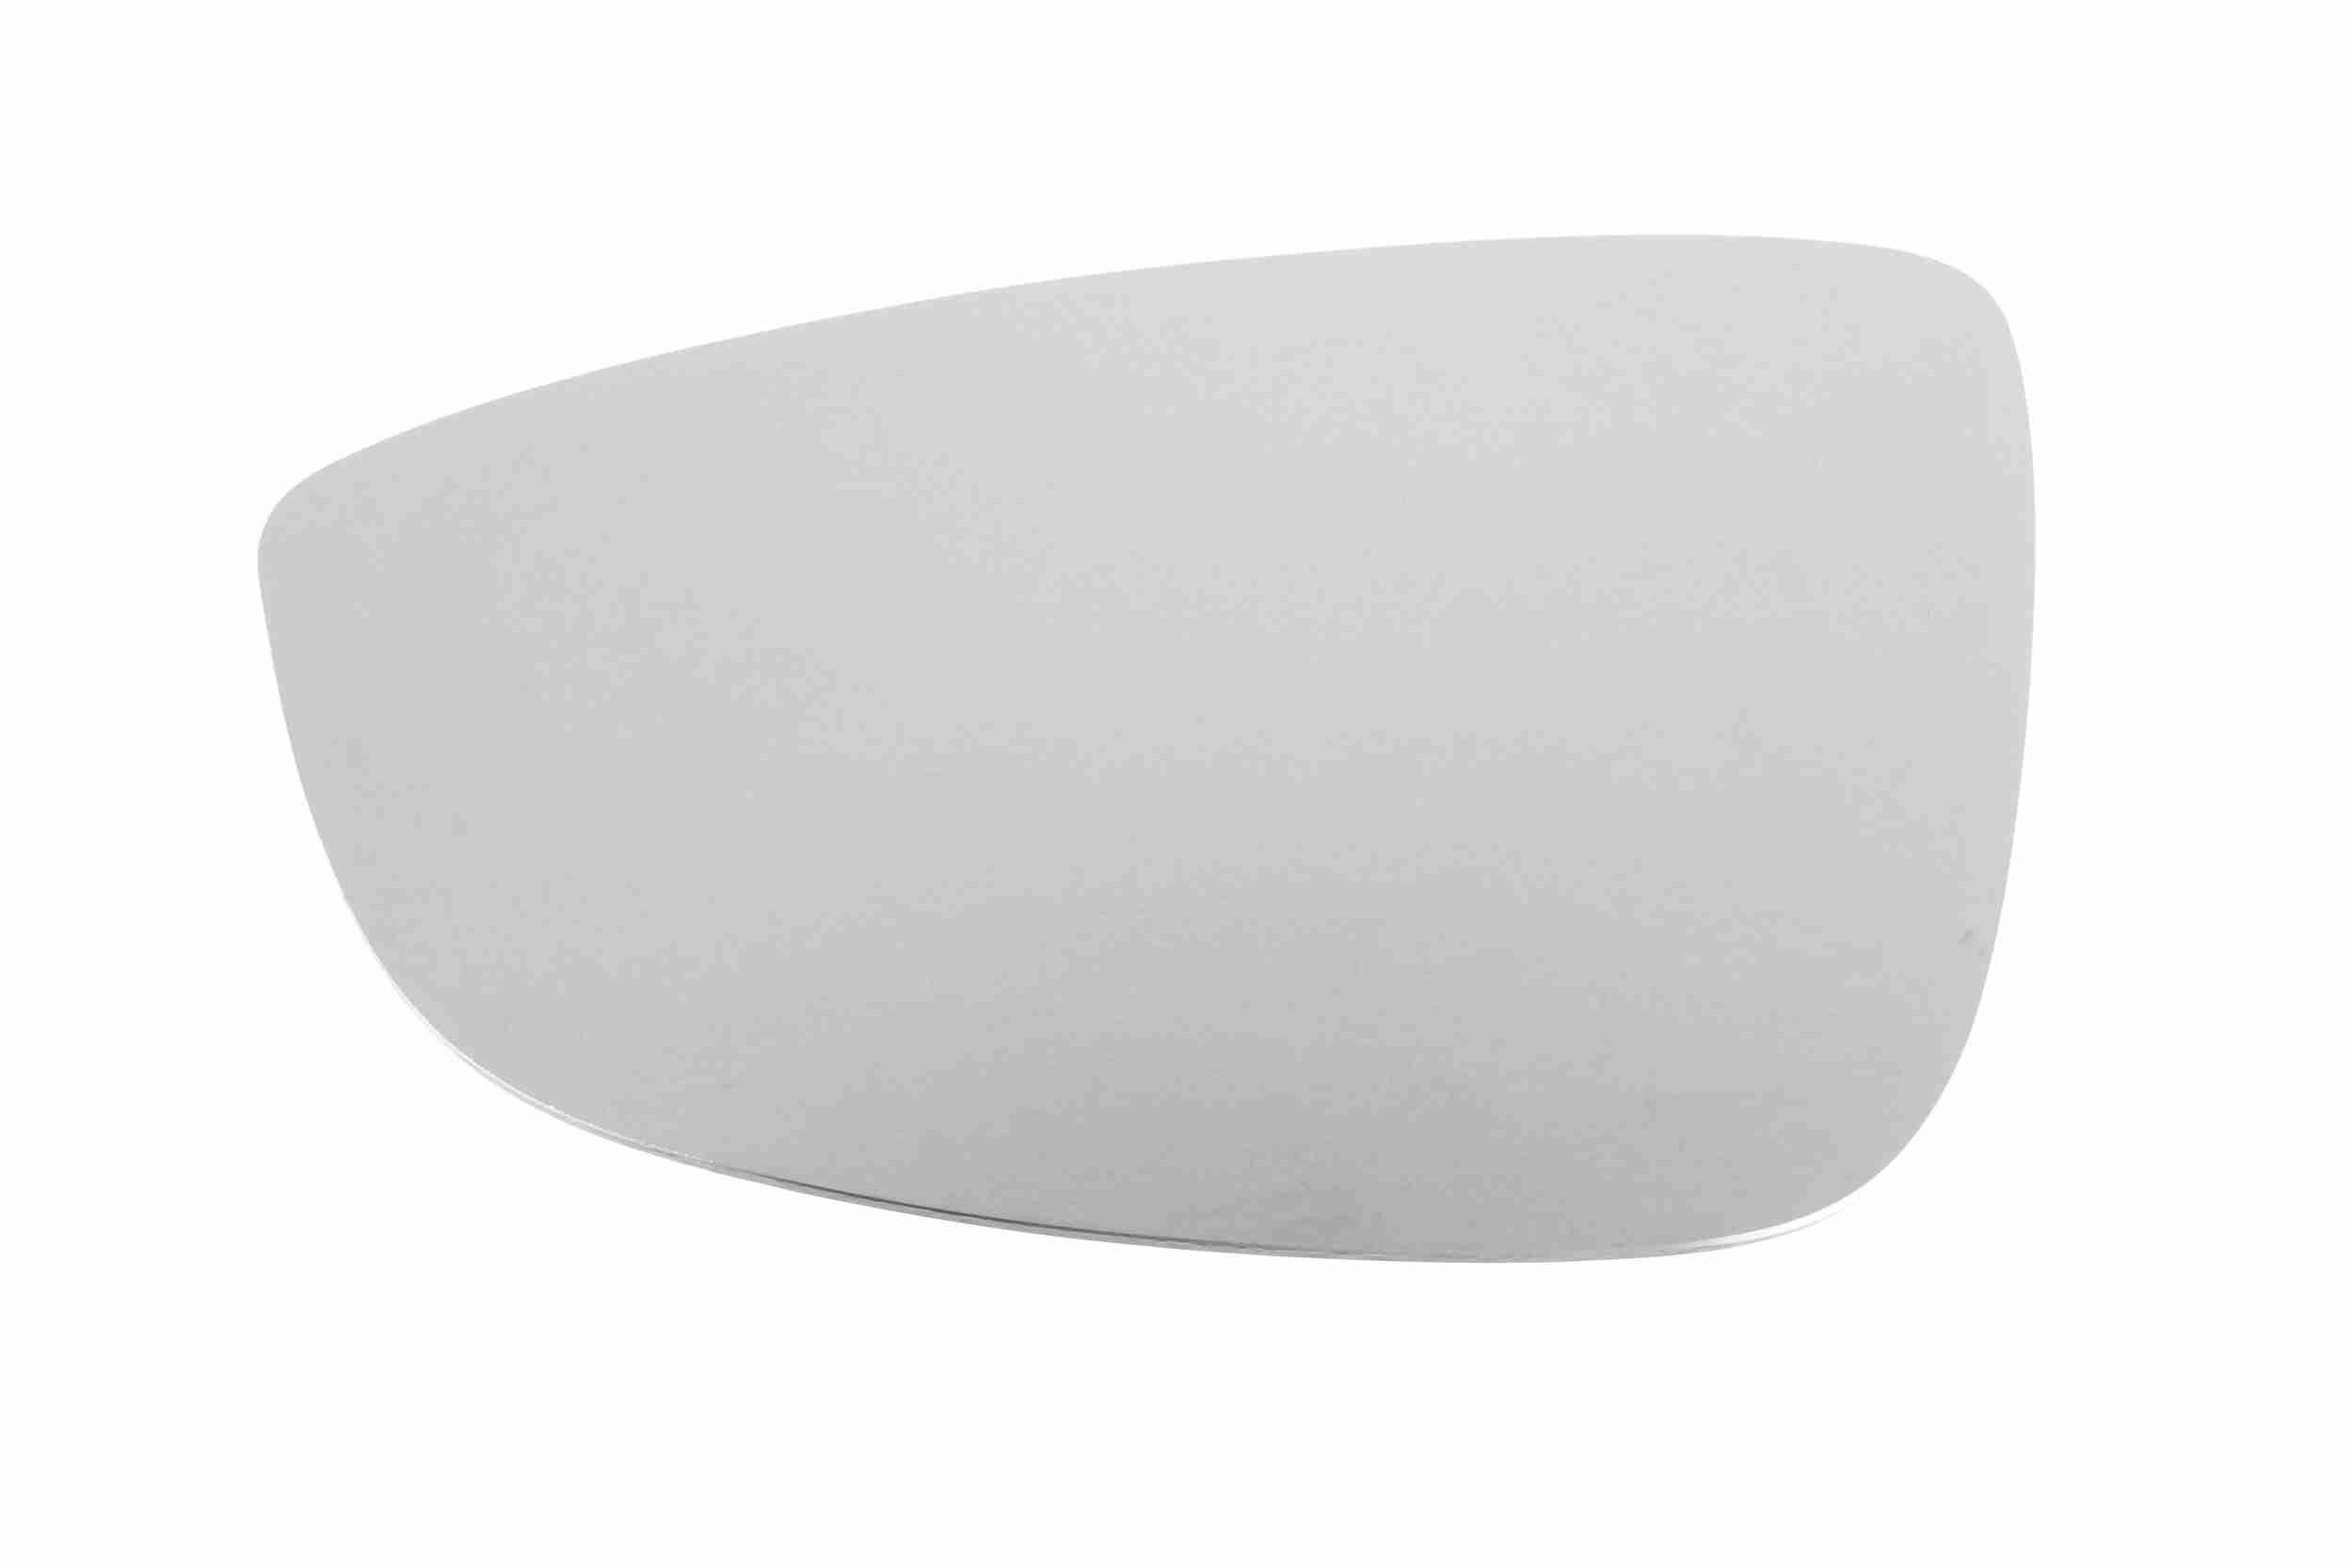 Vetro specchietto V10-69-0067 VEMO — Solo ricambi nuovi